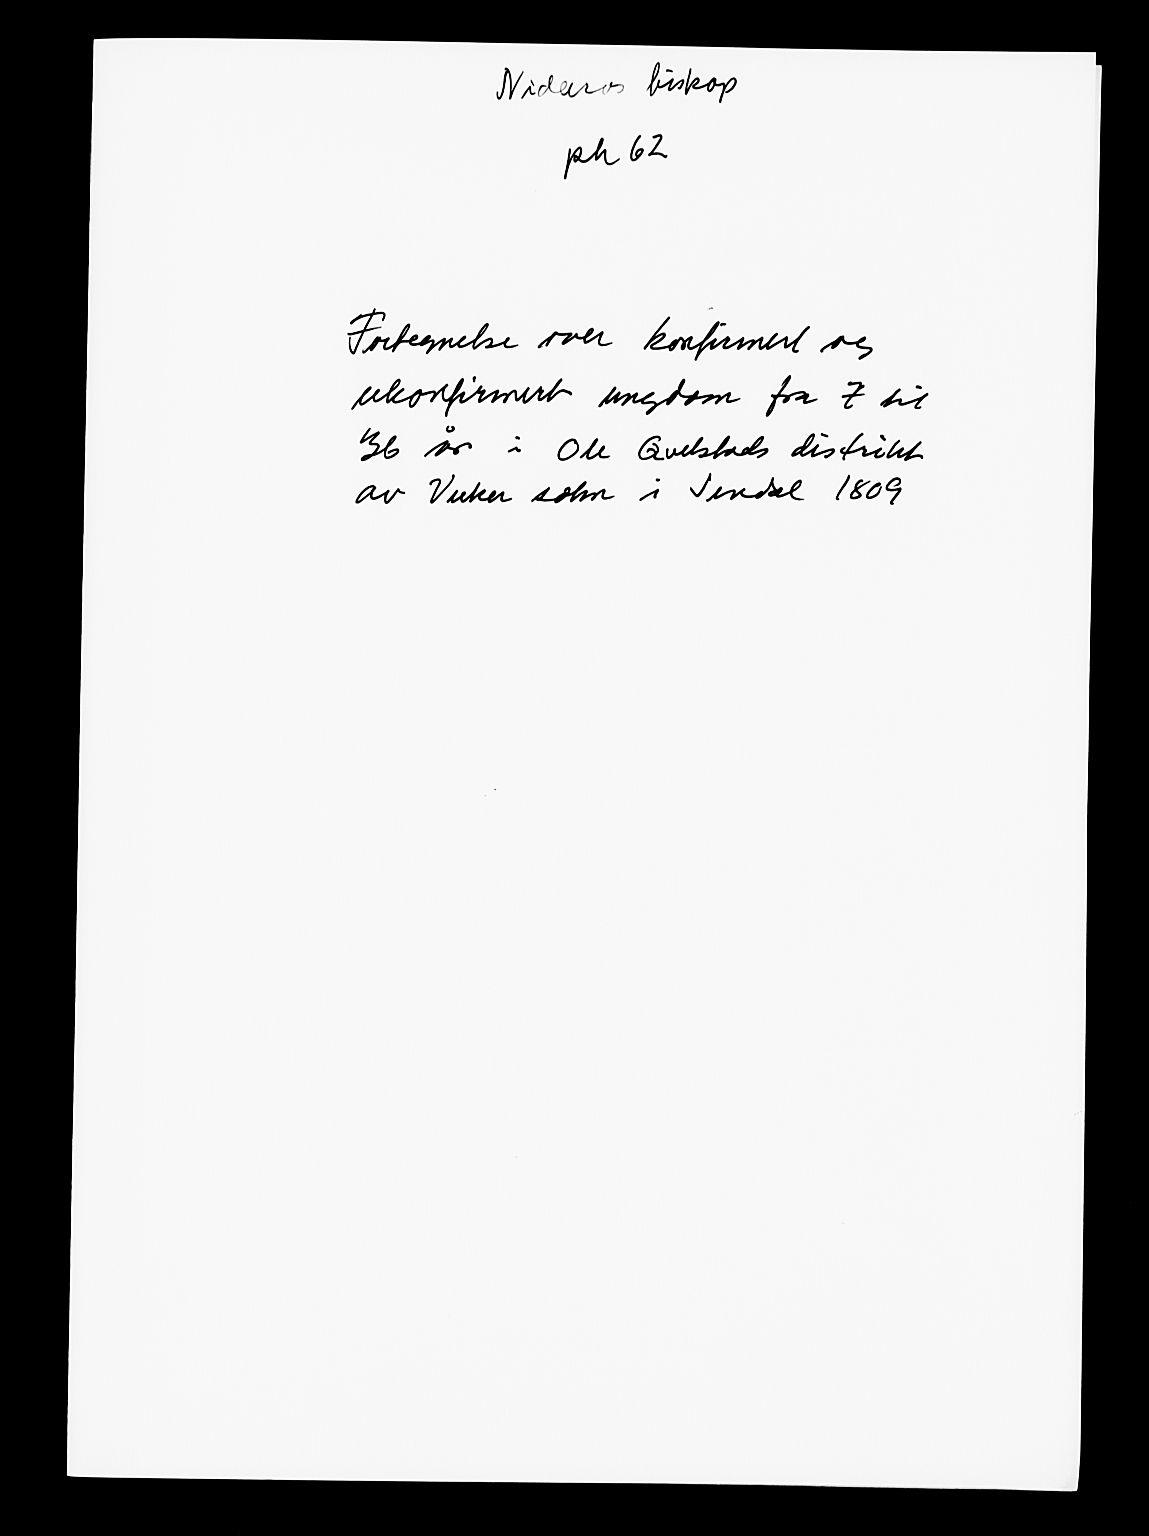 SAT, Kirkebok for Verdal prestegjeld, Vuku sokn 1809-1809 (1721P), 1809, s. upaginert